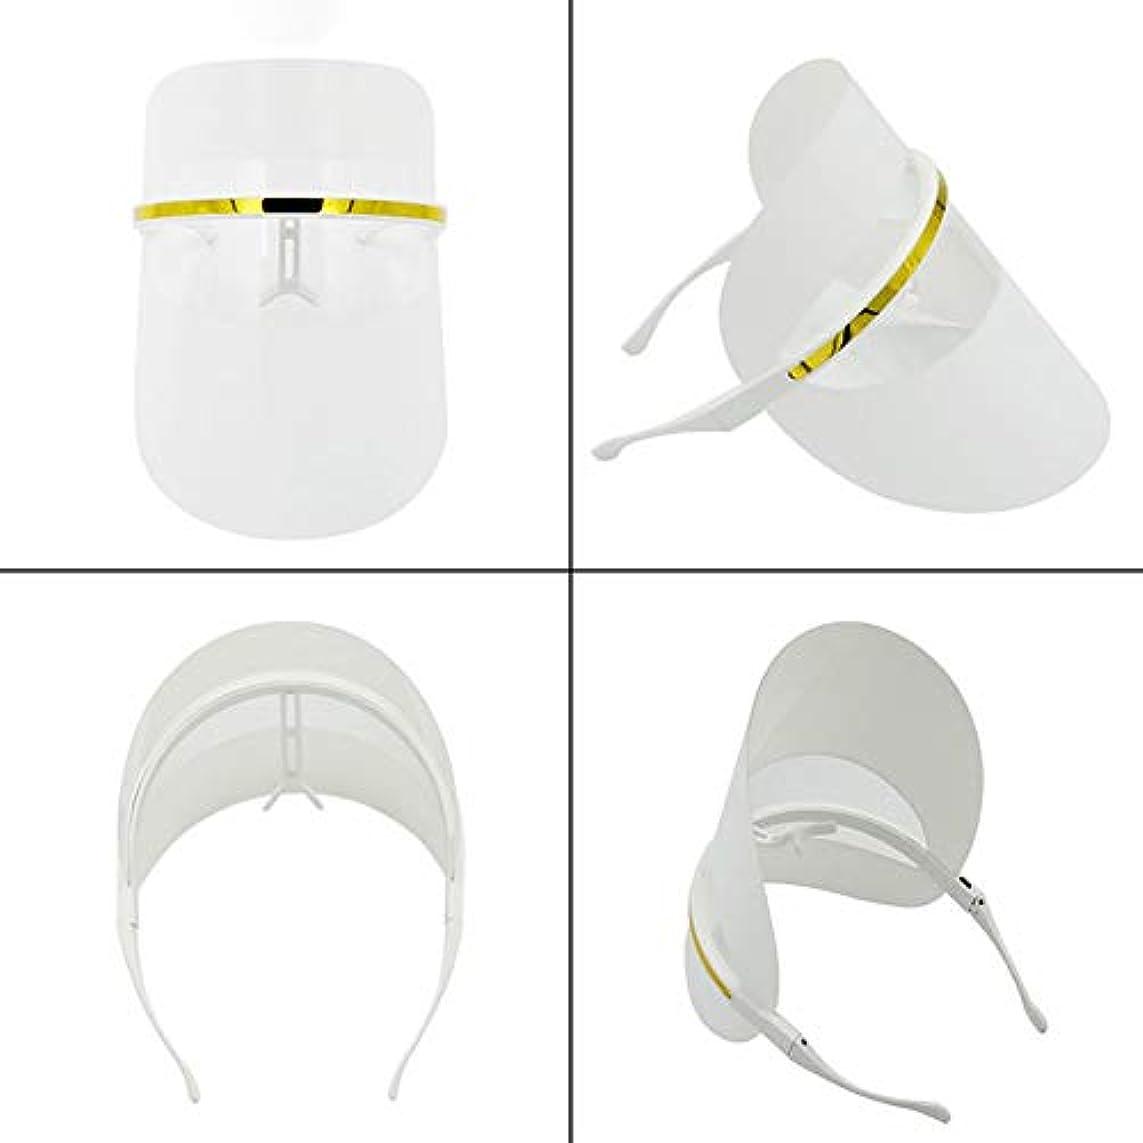 させる家庭教師効率7色LEDフェイスマスク、LEDフォトンビューティーマスク、健康的な肌の若返りのためのフォトンレッドライトセラピー、コラーゲン、アンチエイジング、しわ、瘢痕